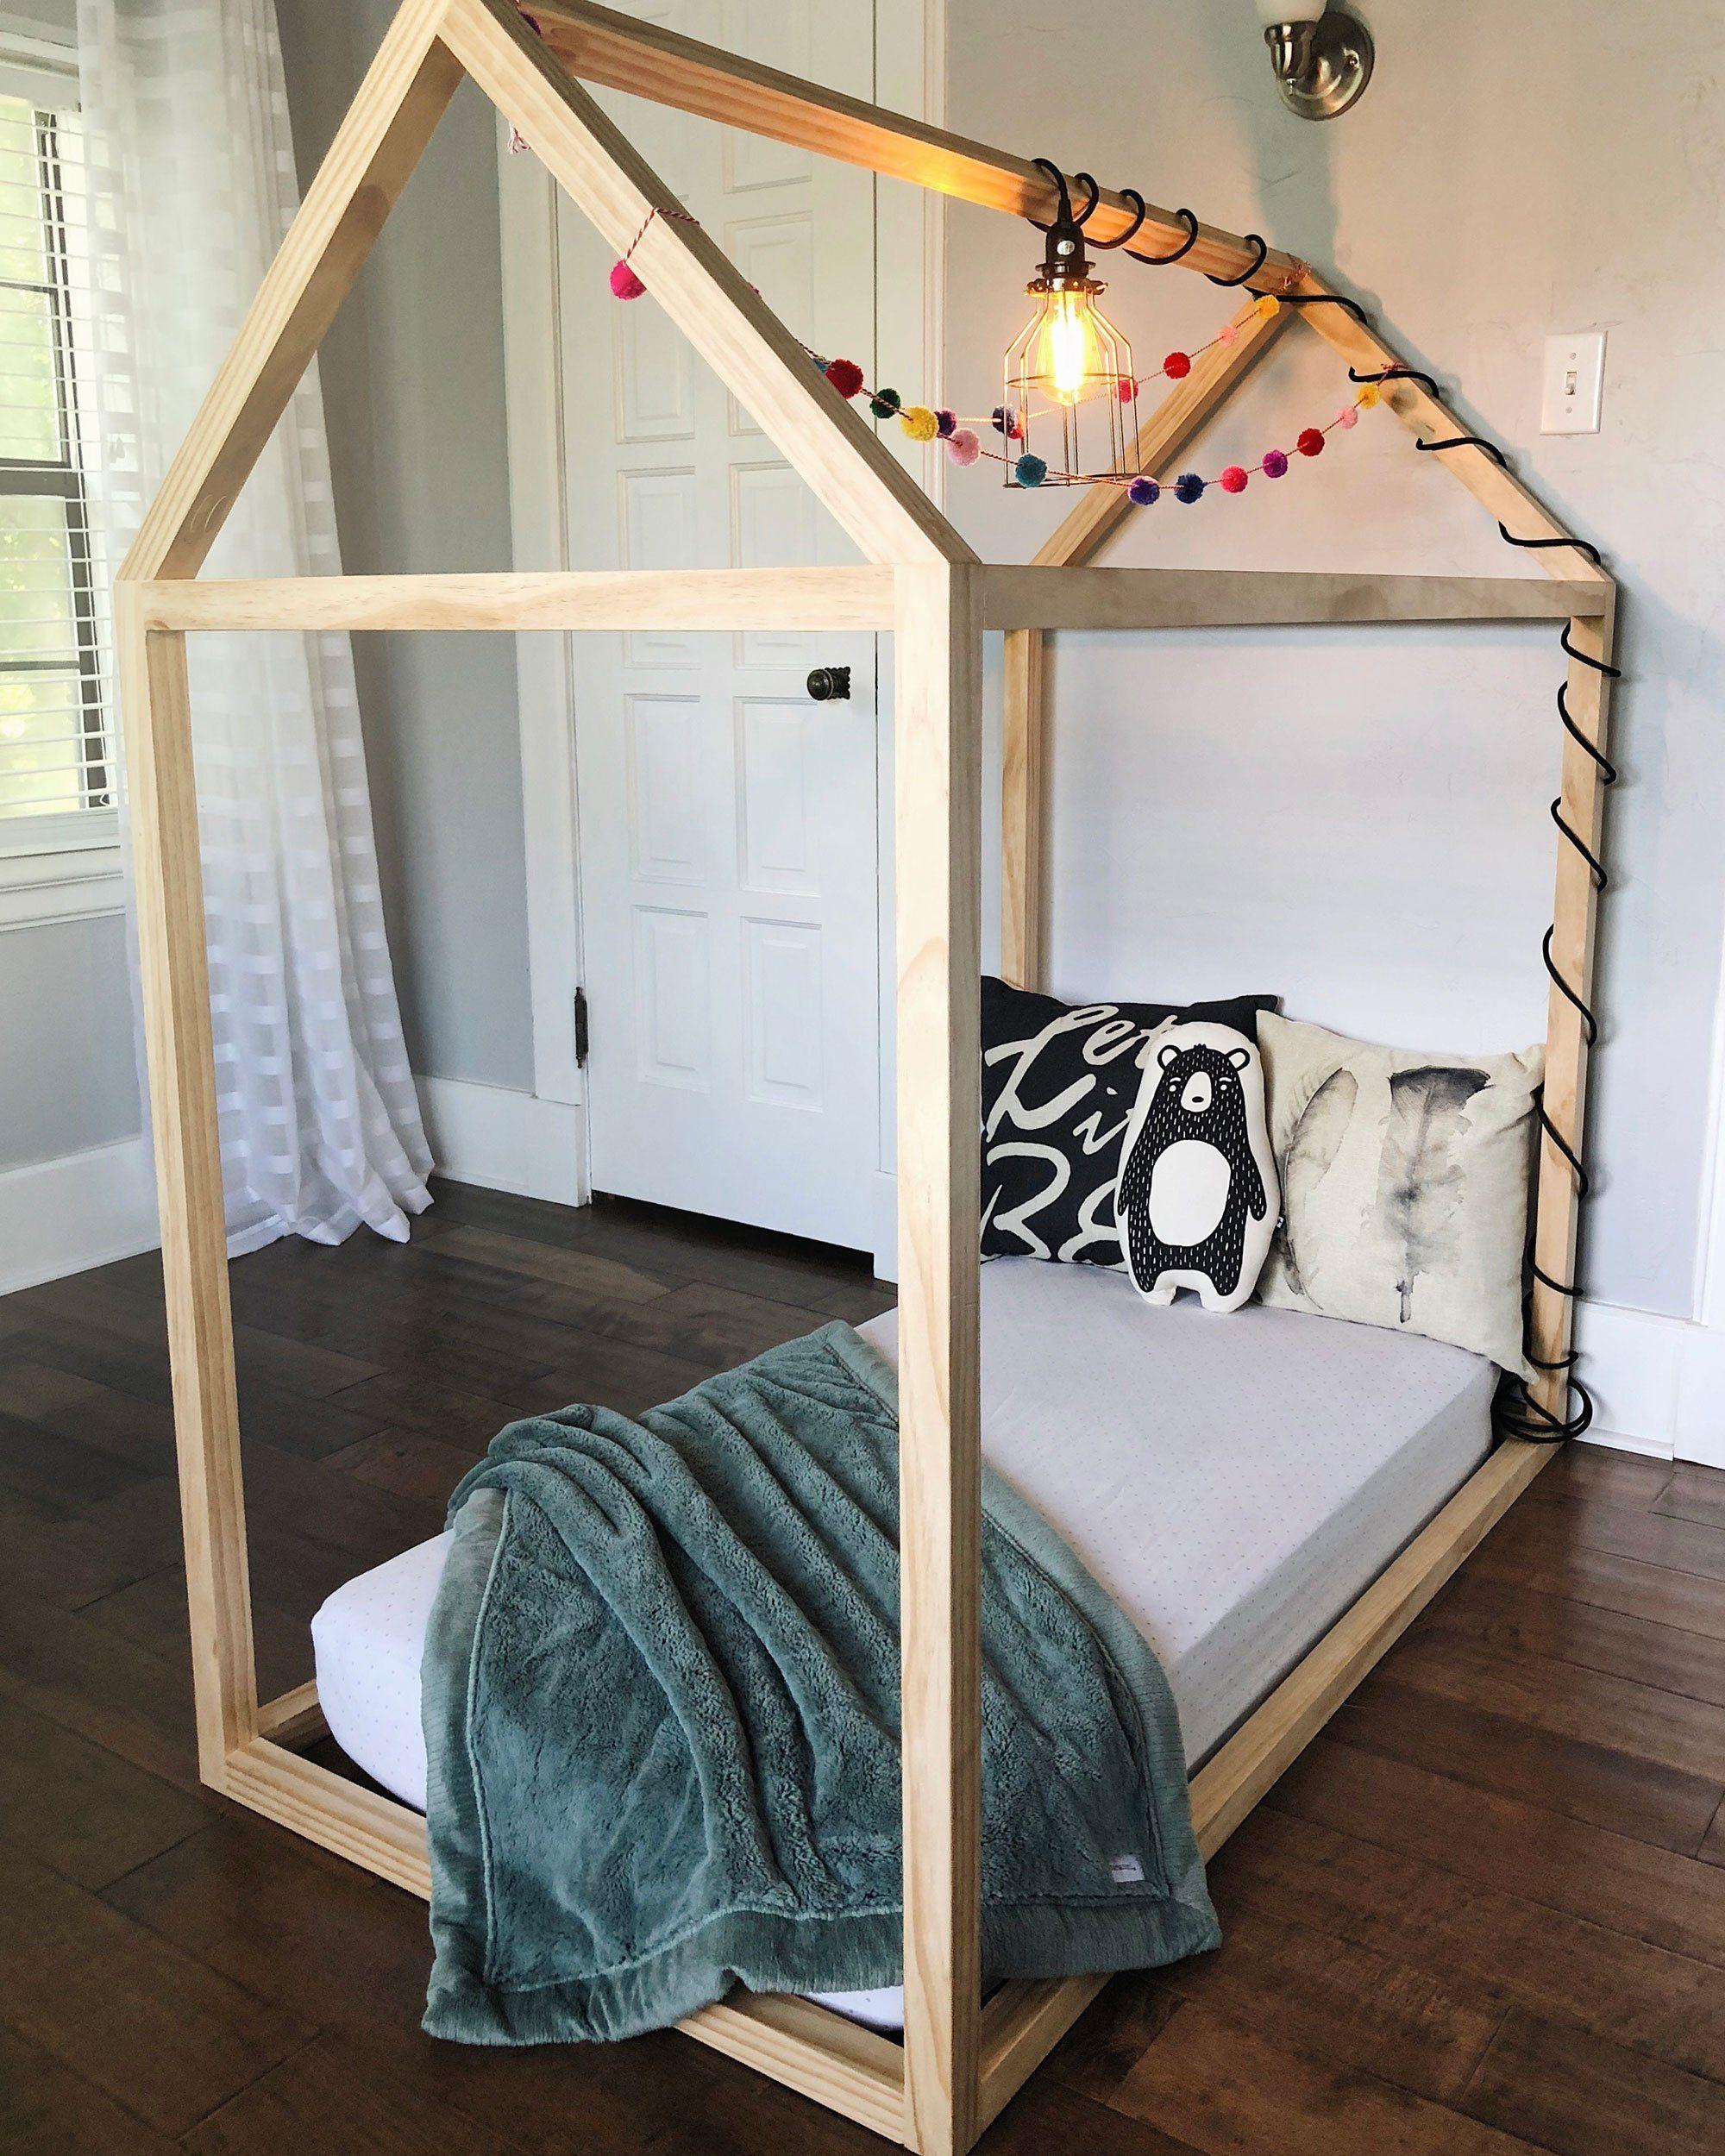 Diy Toddler House Bed Furniturebuilding Yatak Cadir